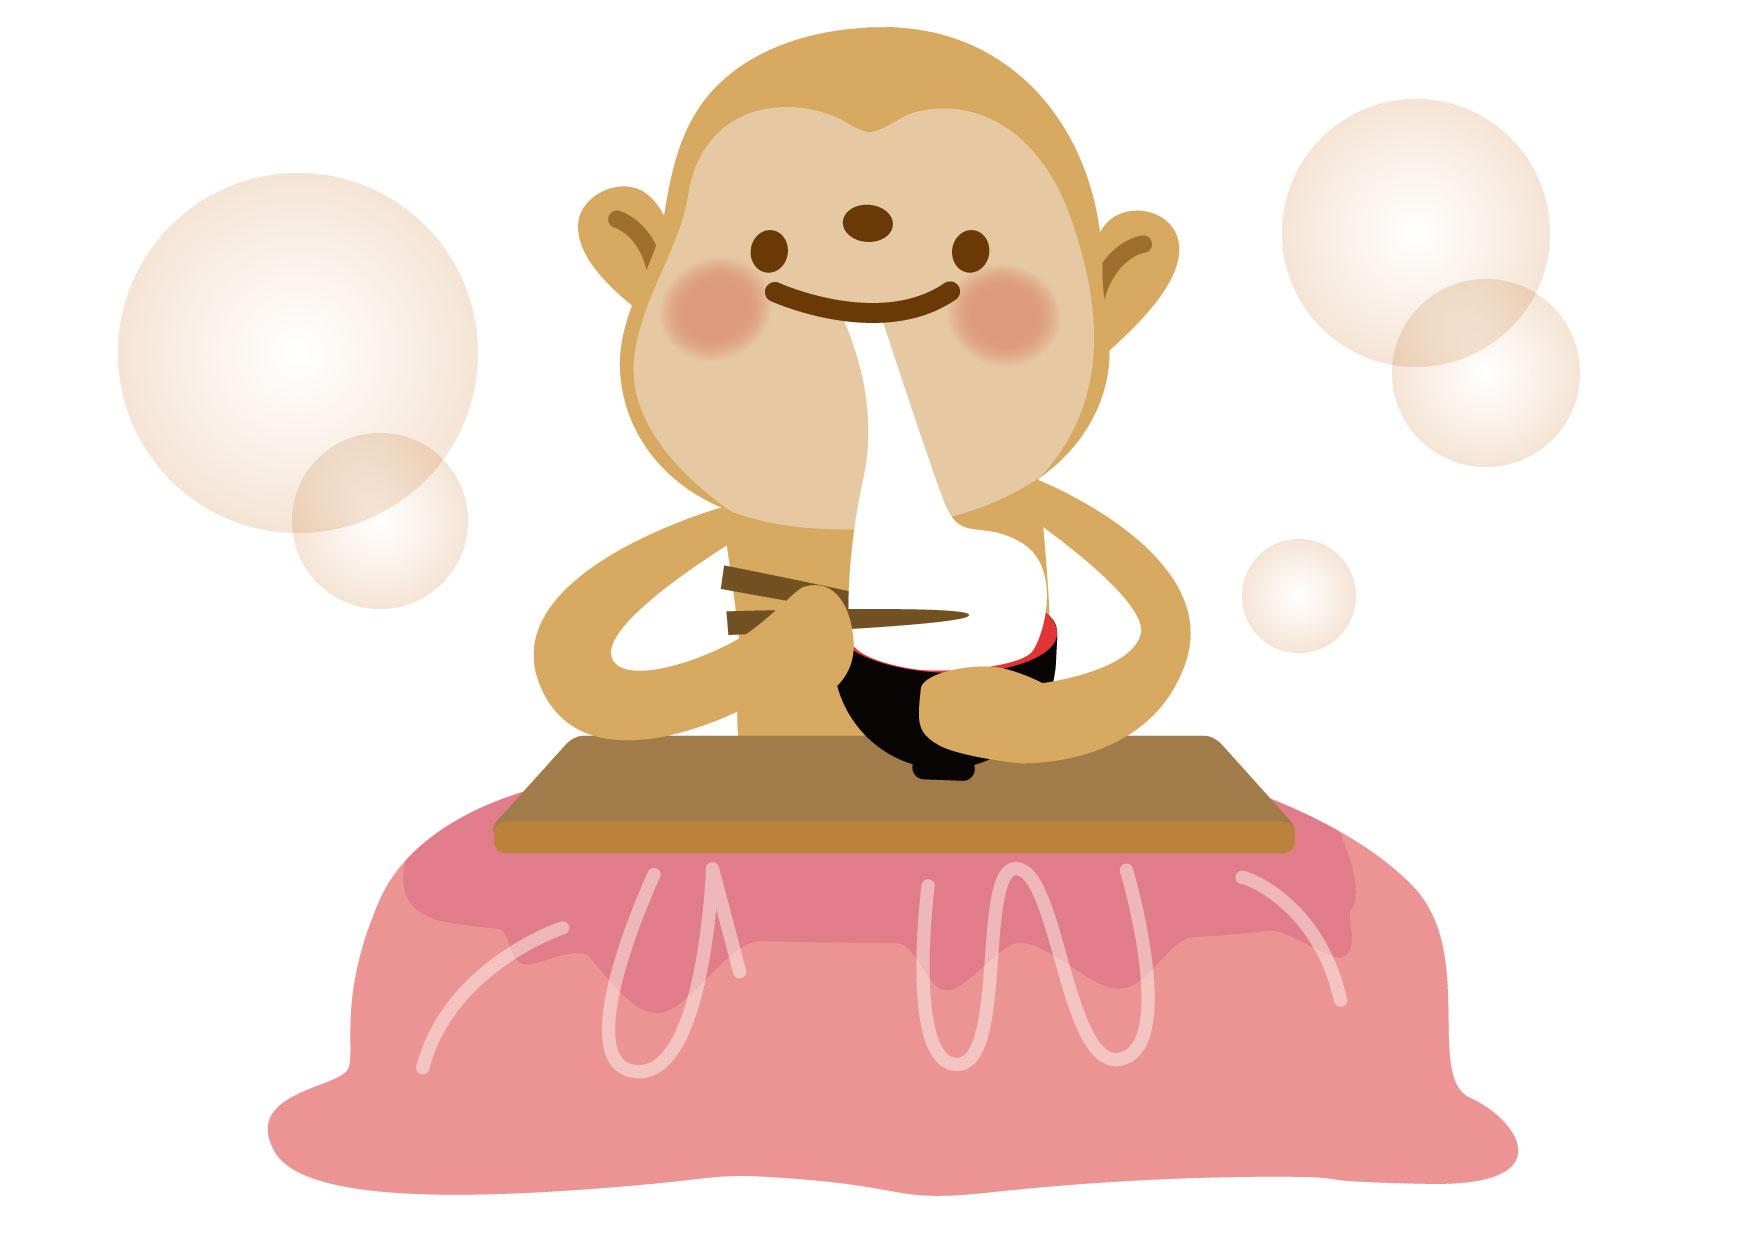 お正月イラスト無料|さる おもち こたつ − free illustration New Year's Monkey Omochi Kotatsu